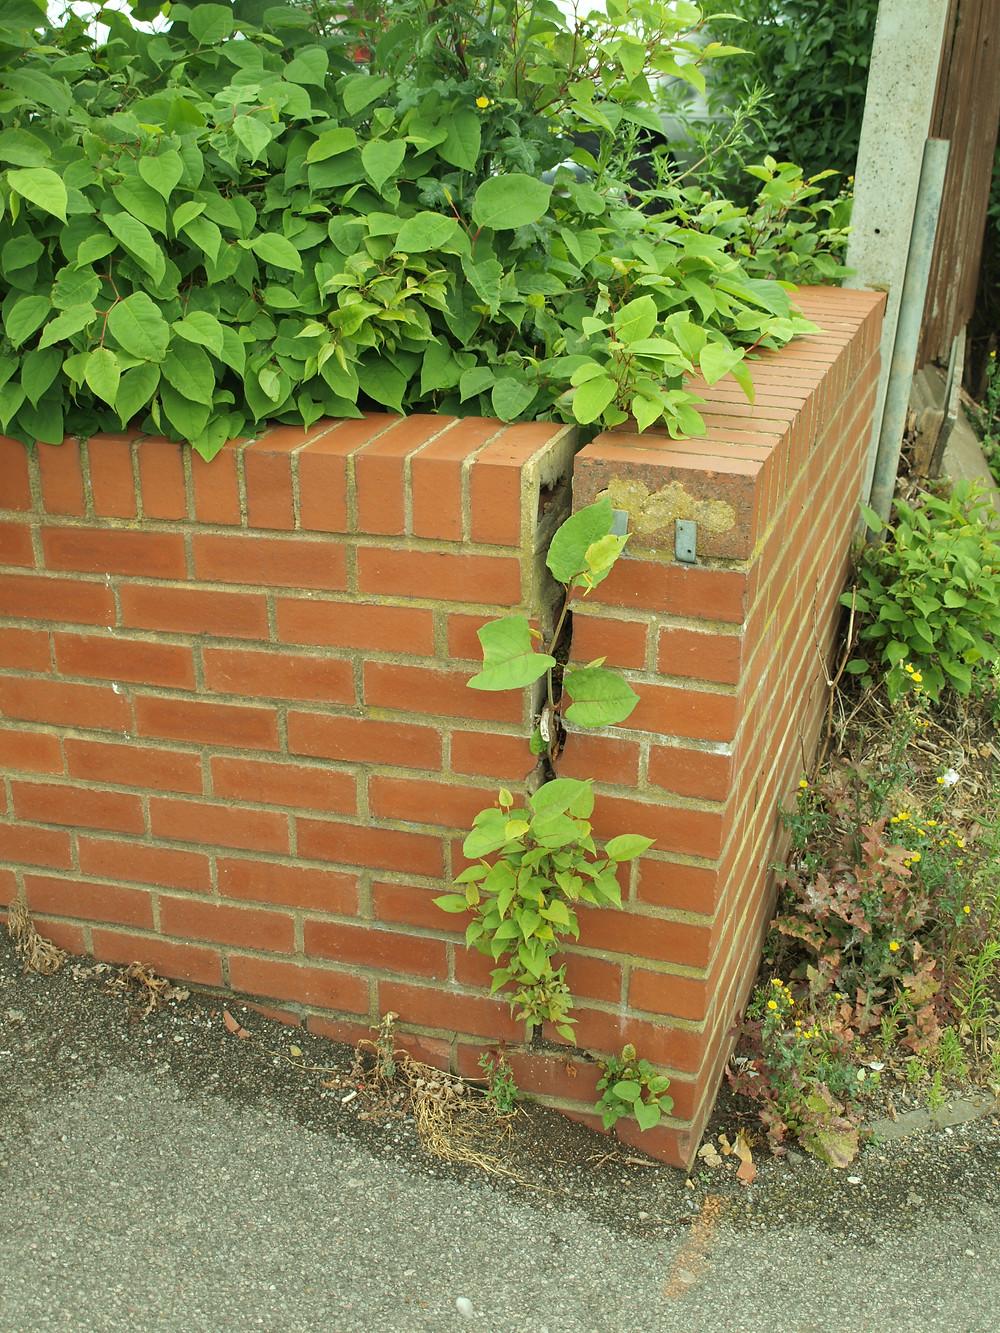 Knotweed Breaking Through Brick Wall